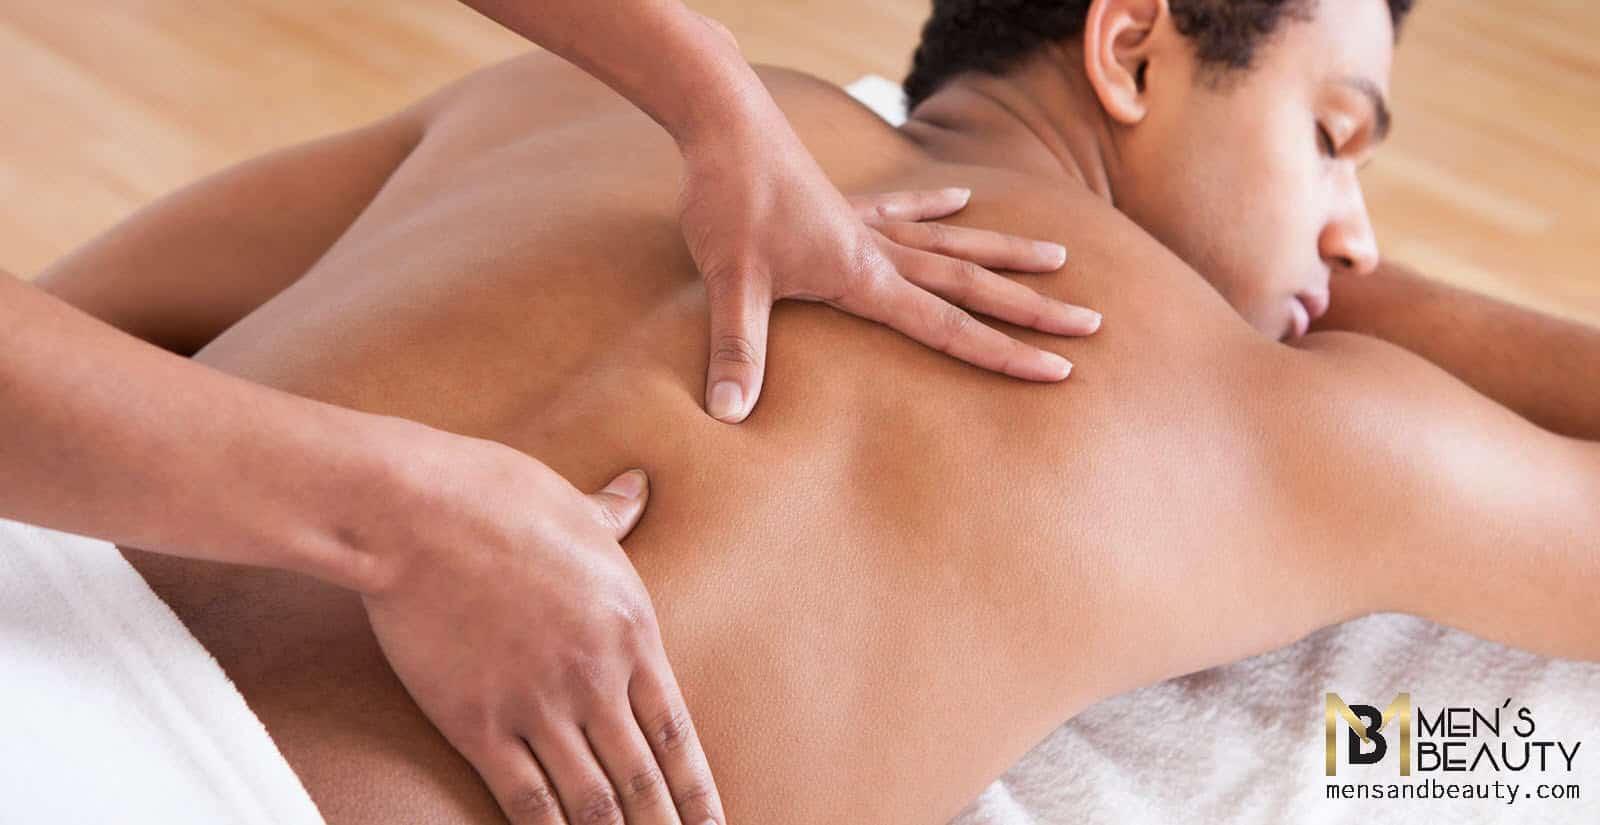 tipos de masajes para hombre sueco